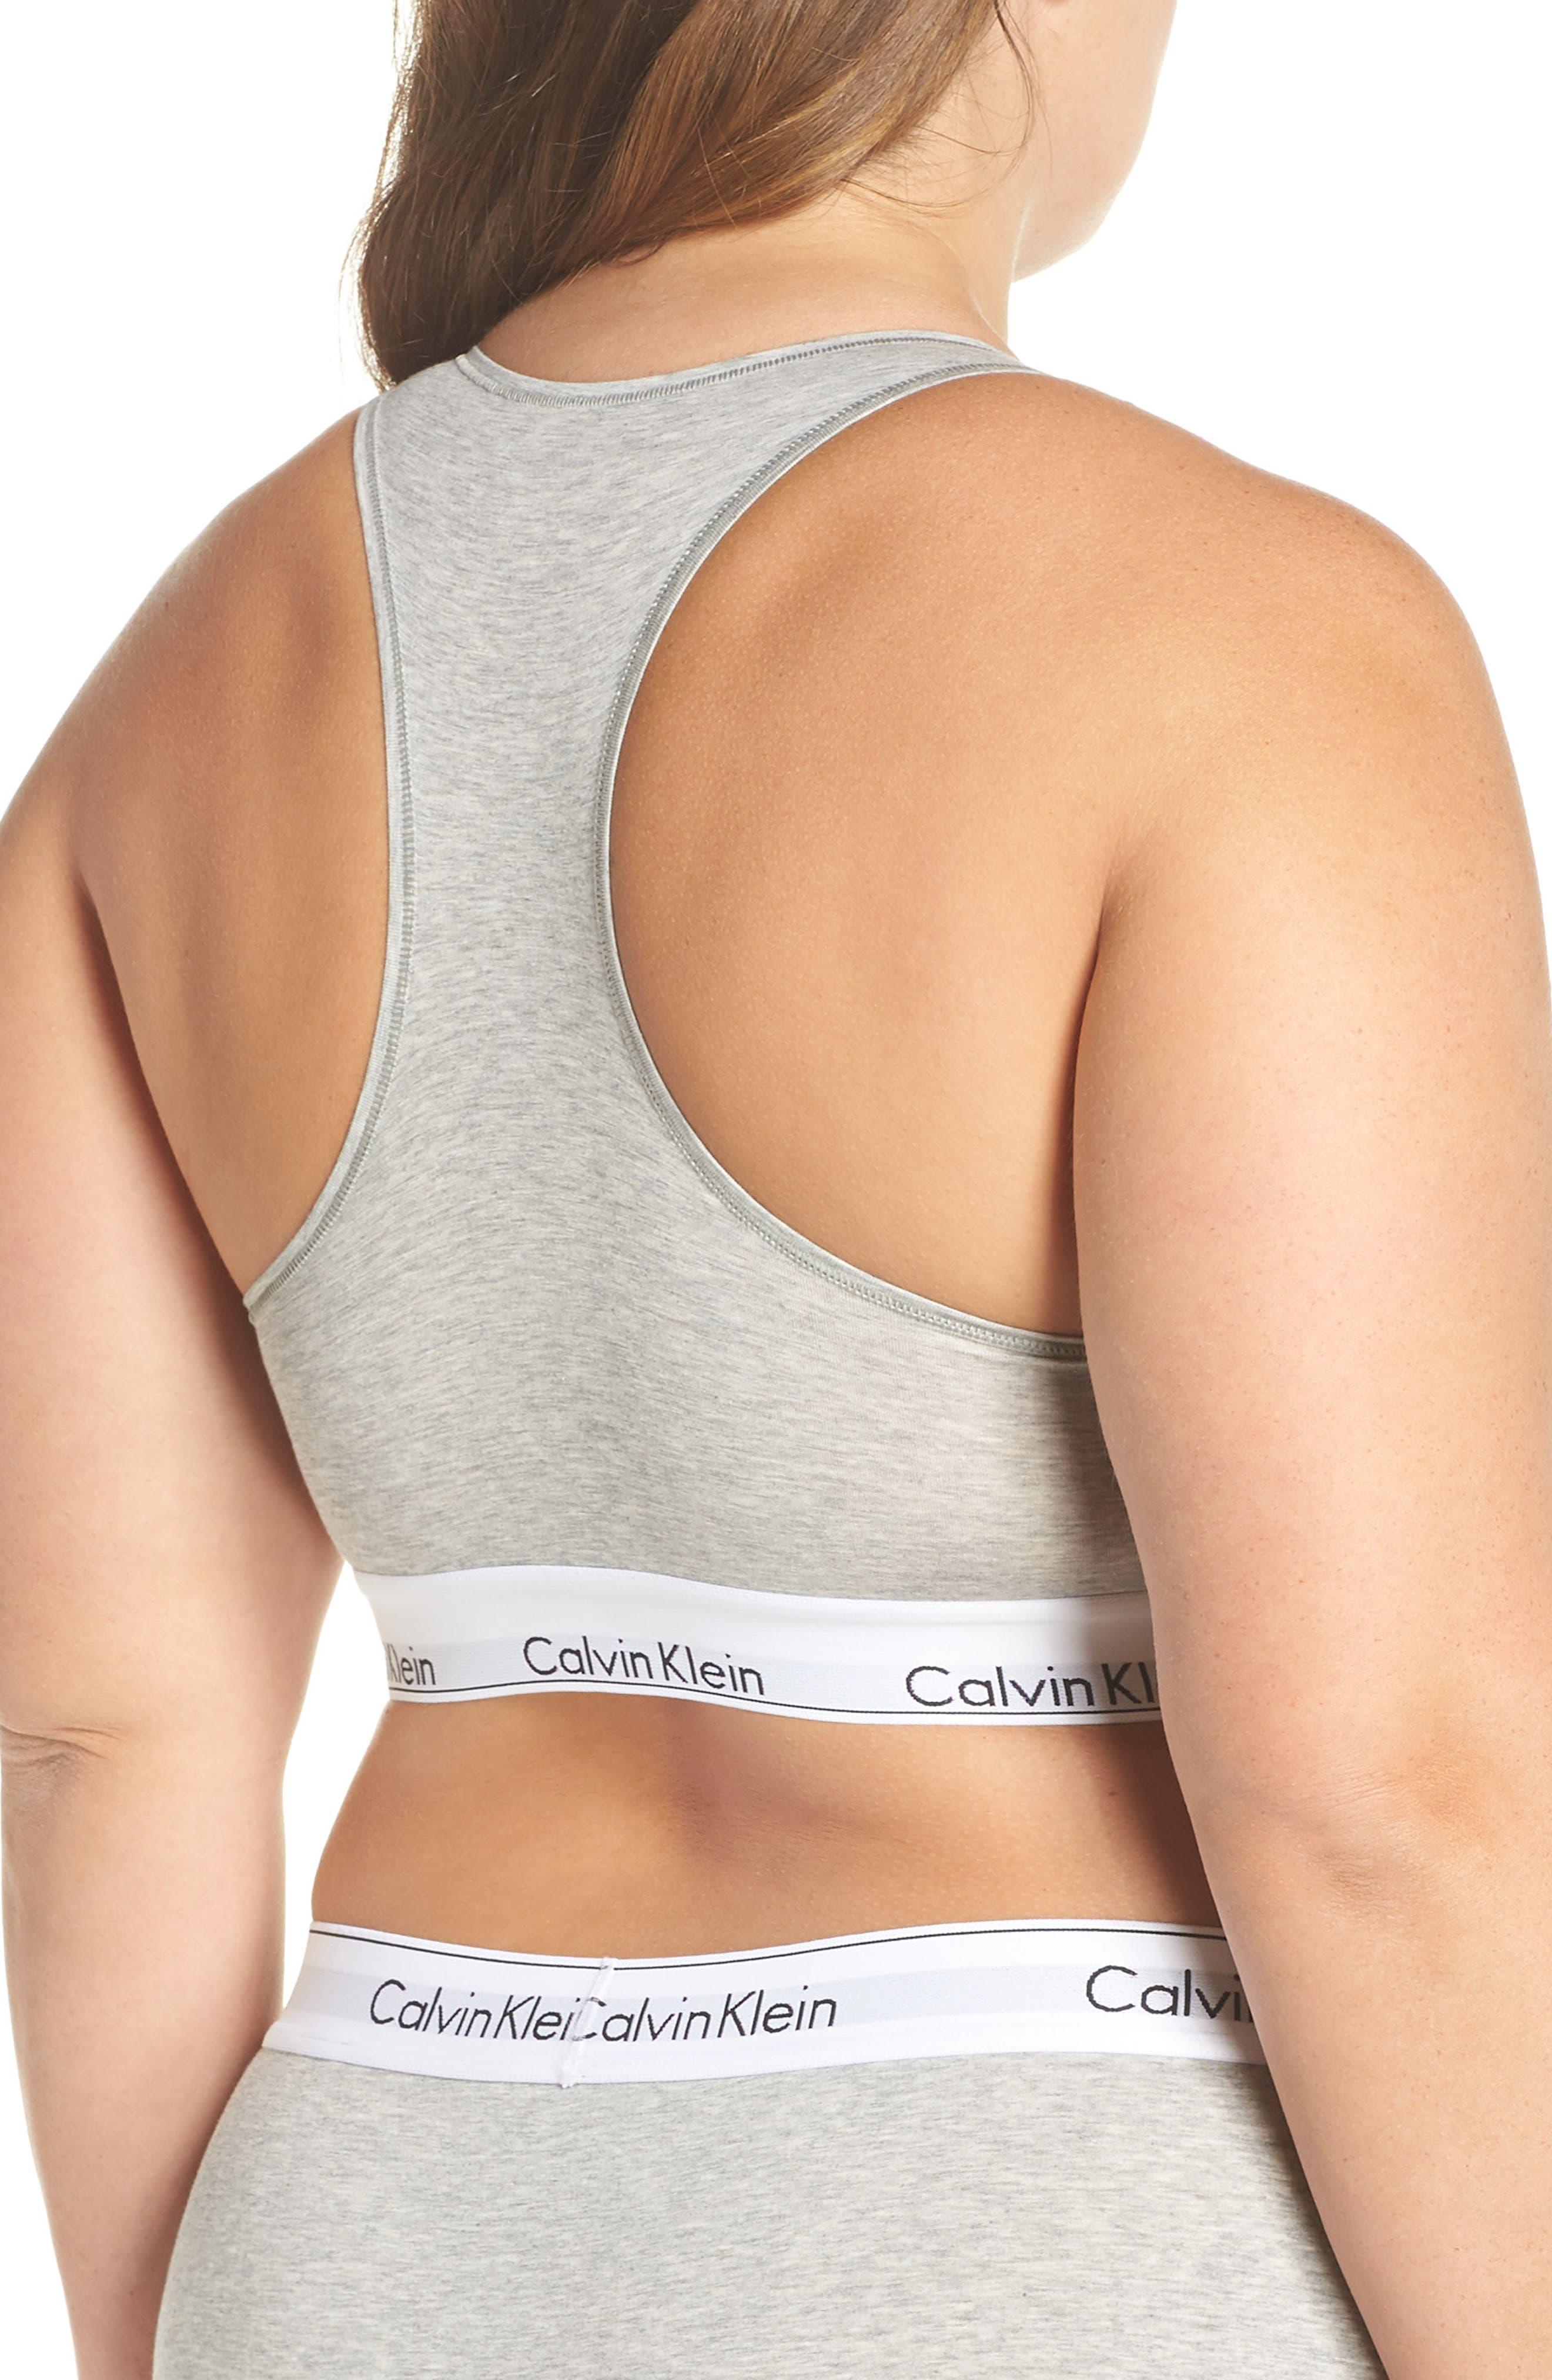 634c431f4e0 Women s Calvin Klein Bras